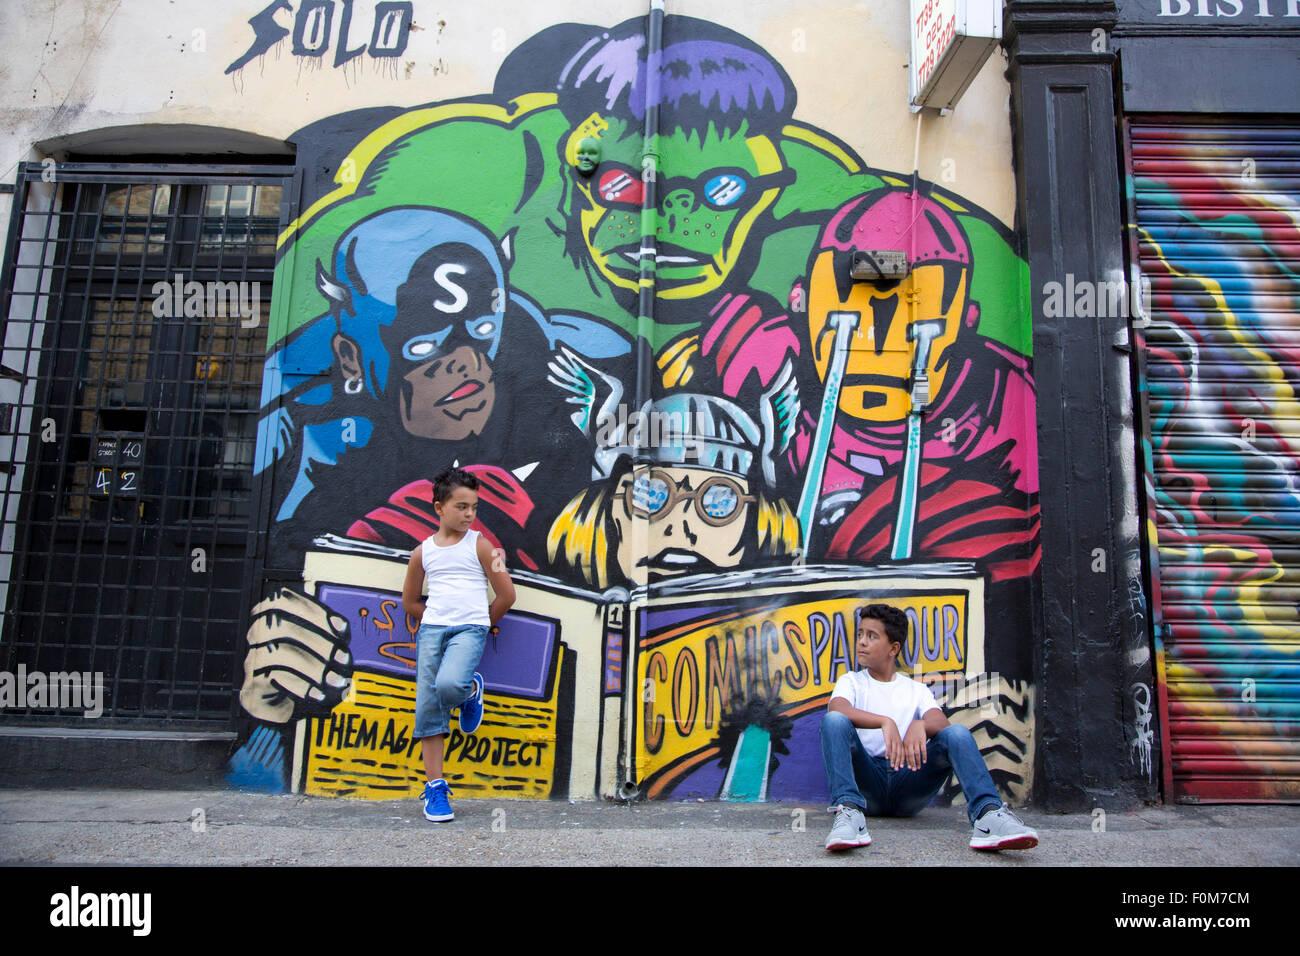 Graffiti wall uk - 2 Boys Standing In Front Of A Graffiti Wall Uk